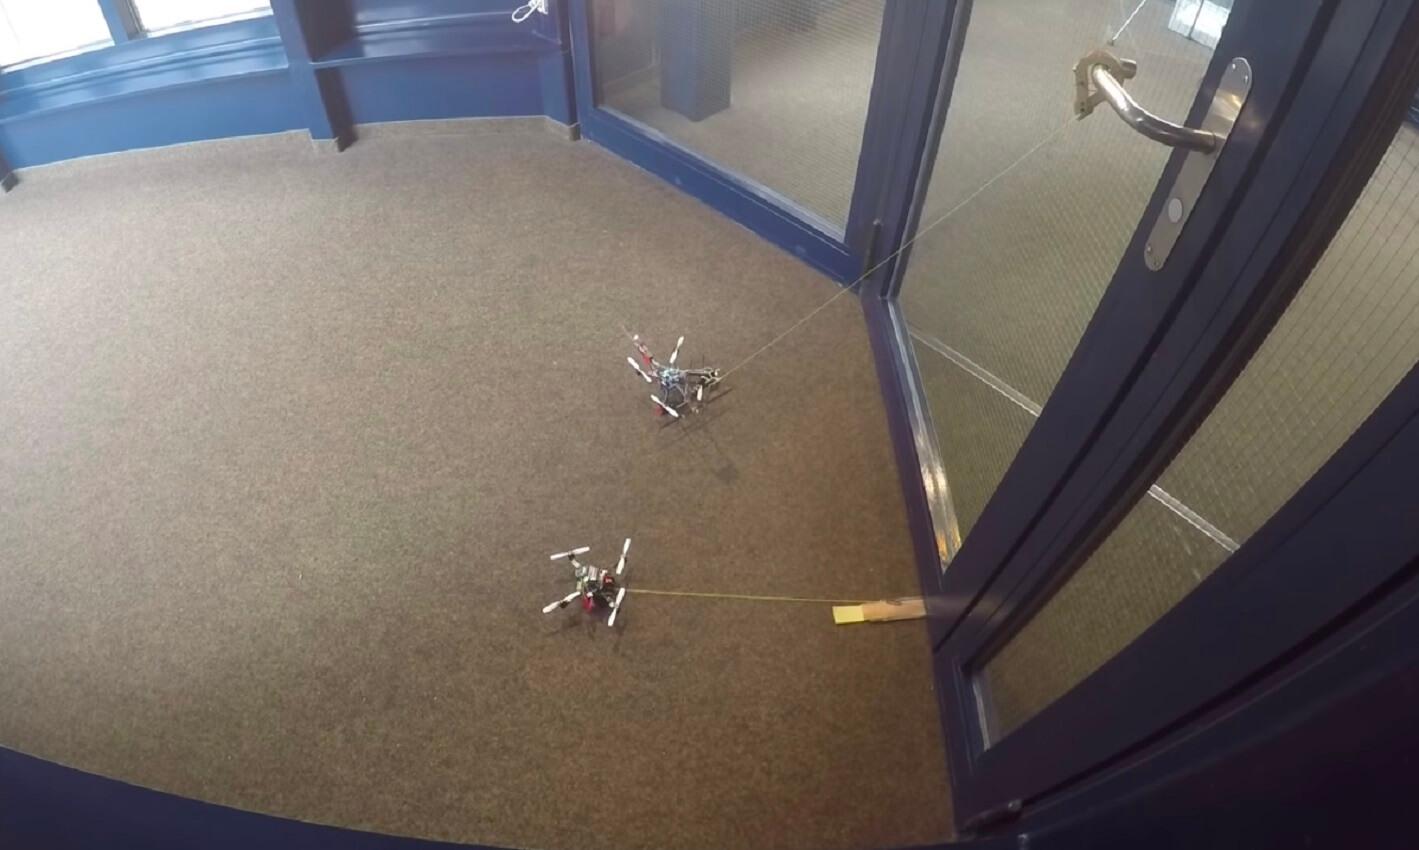 Drone taşıma kapasitesi